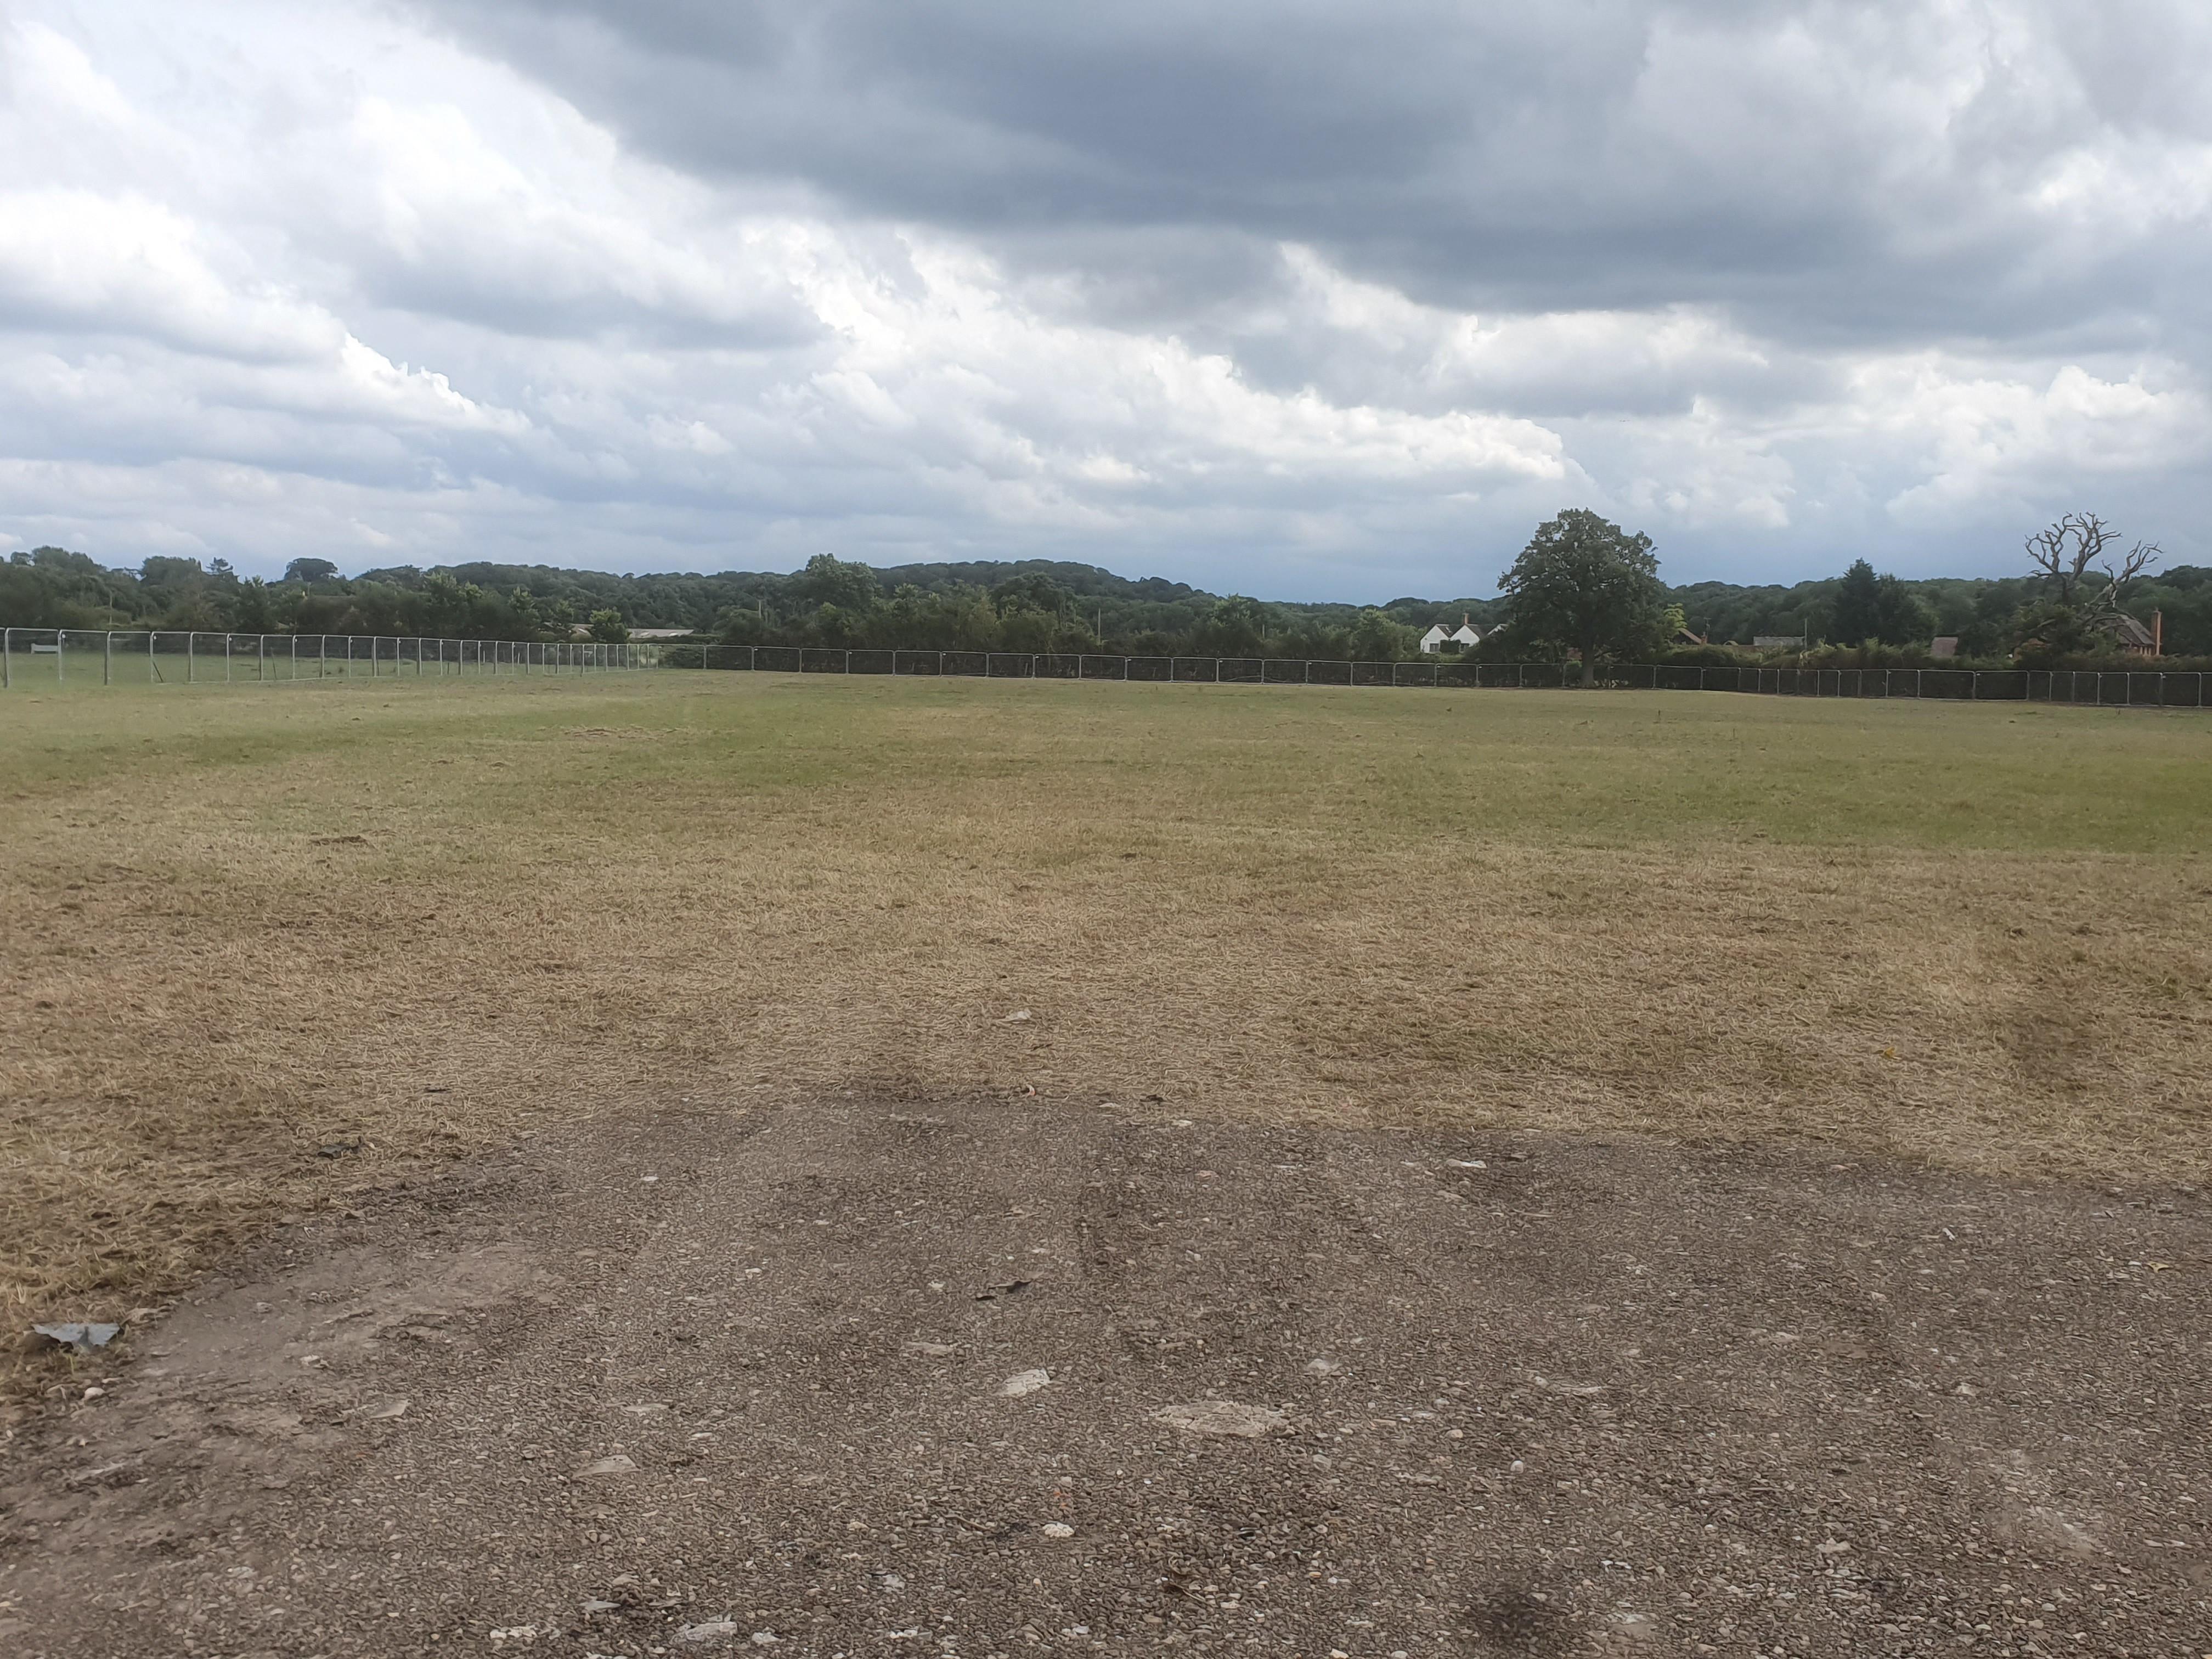 BINFIELD (Field 2)  - 30 minutes